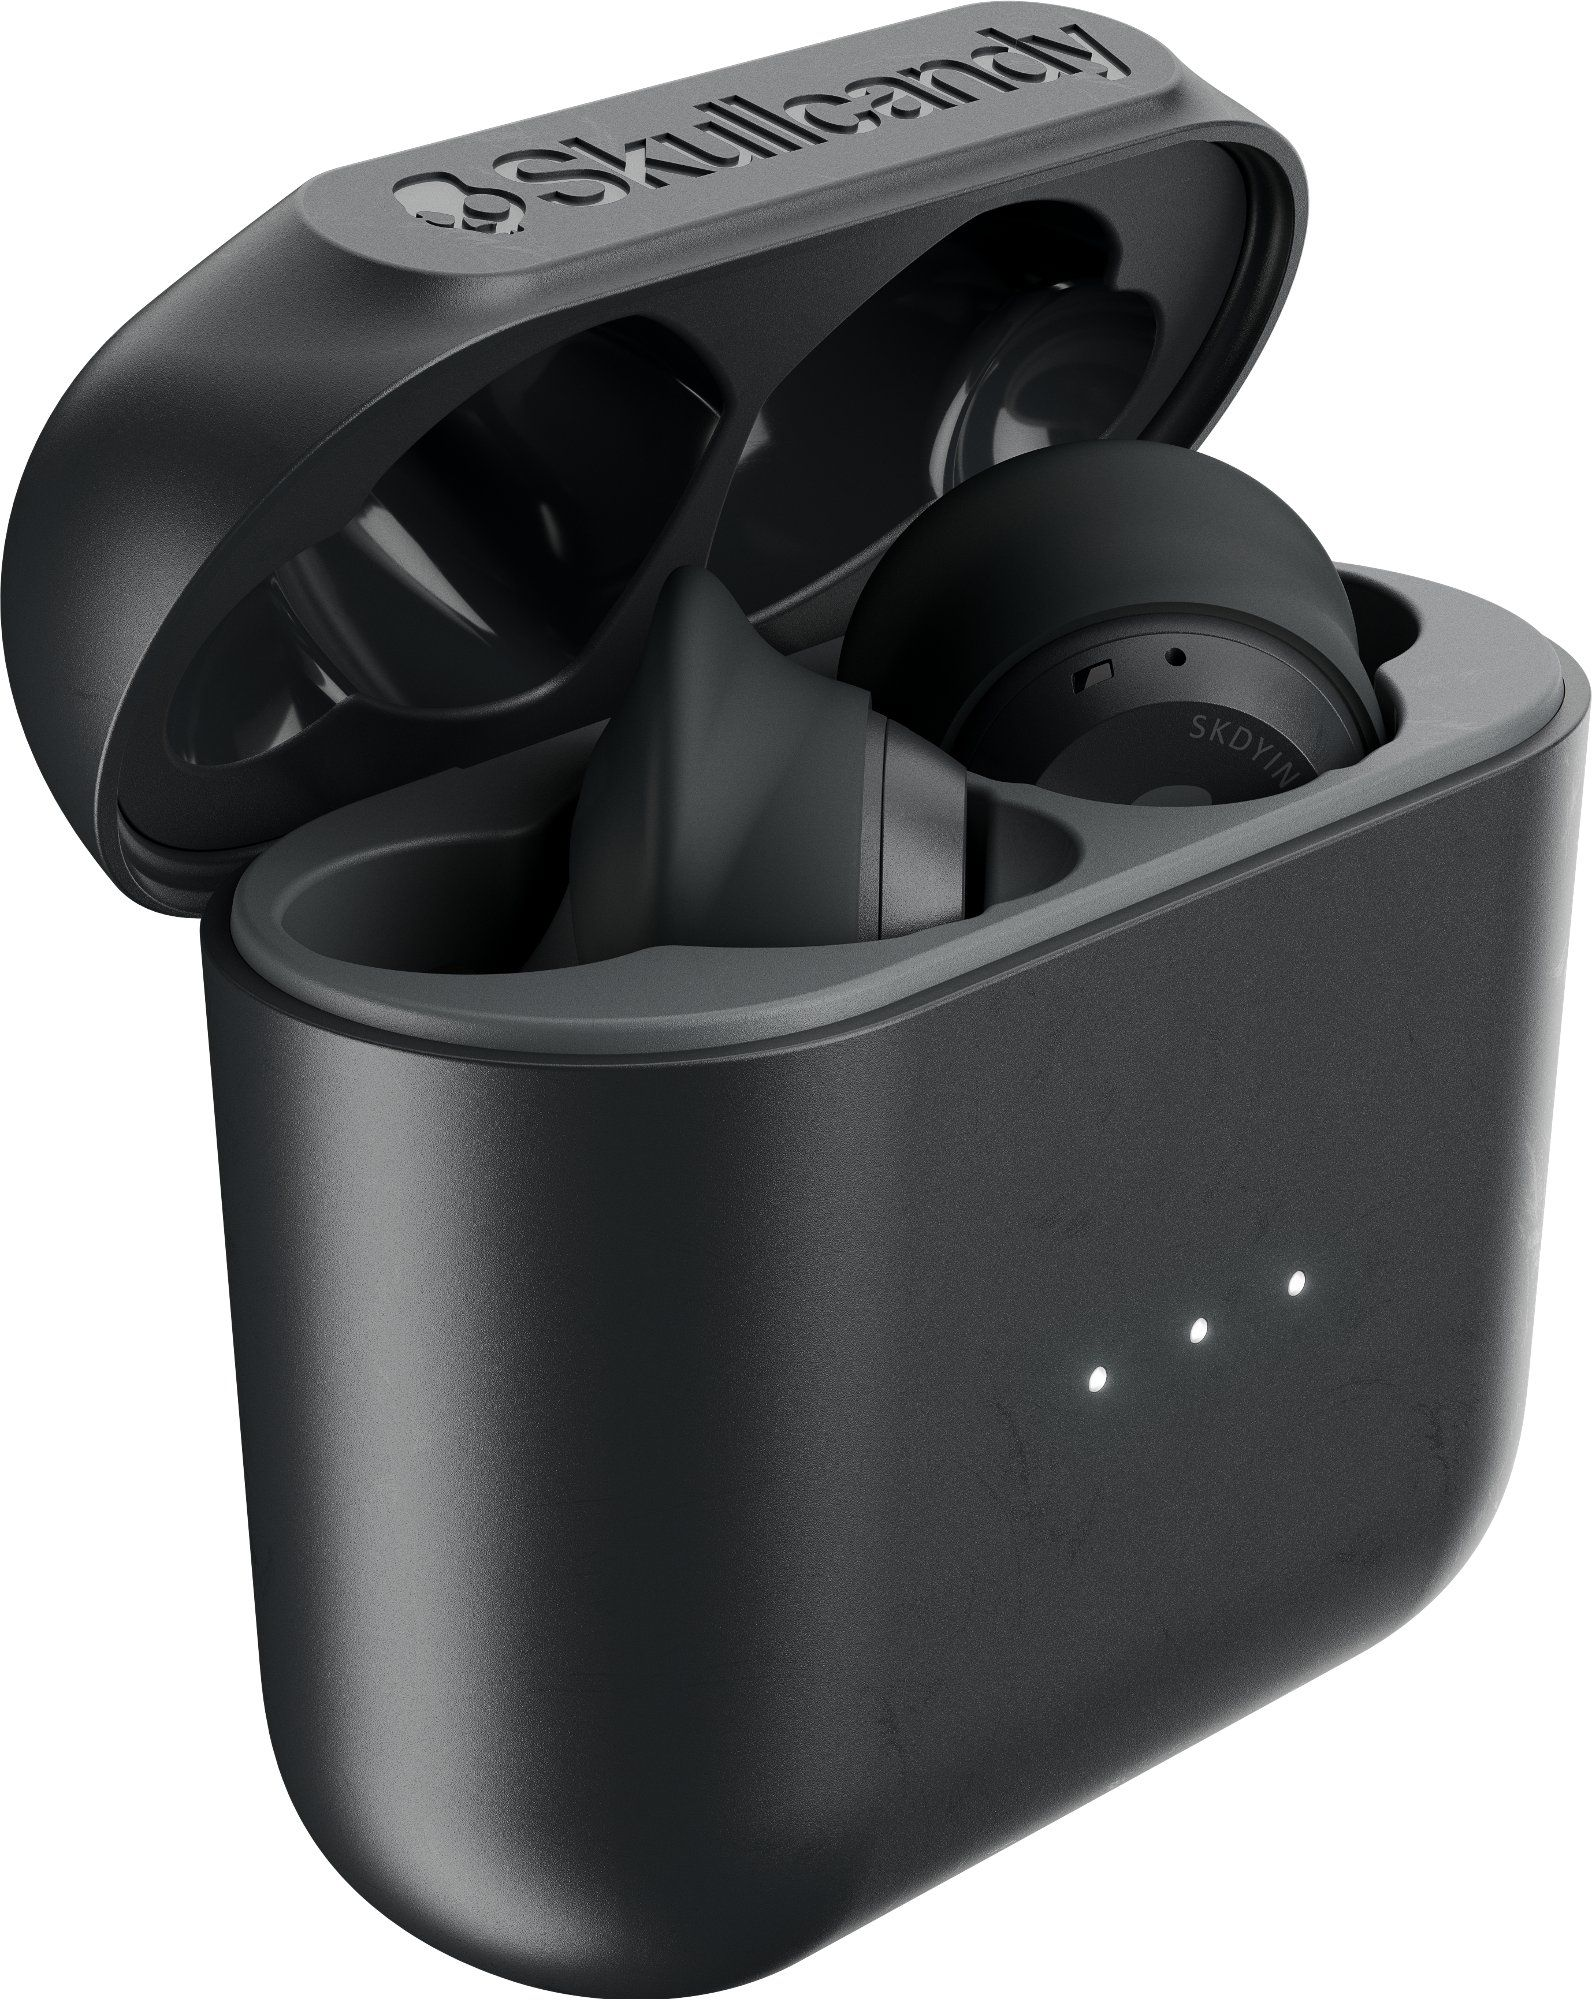 Skullcandy Indy True Wireless Earbuds Black In 2020 Wireless In Ear Headphones Wireless Earbuds Skullcandy Headphones